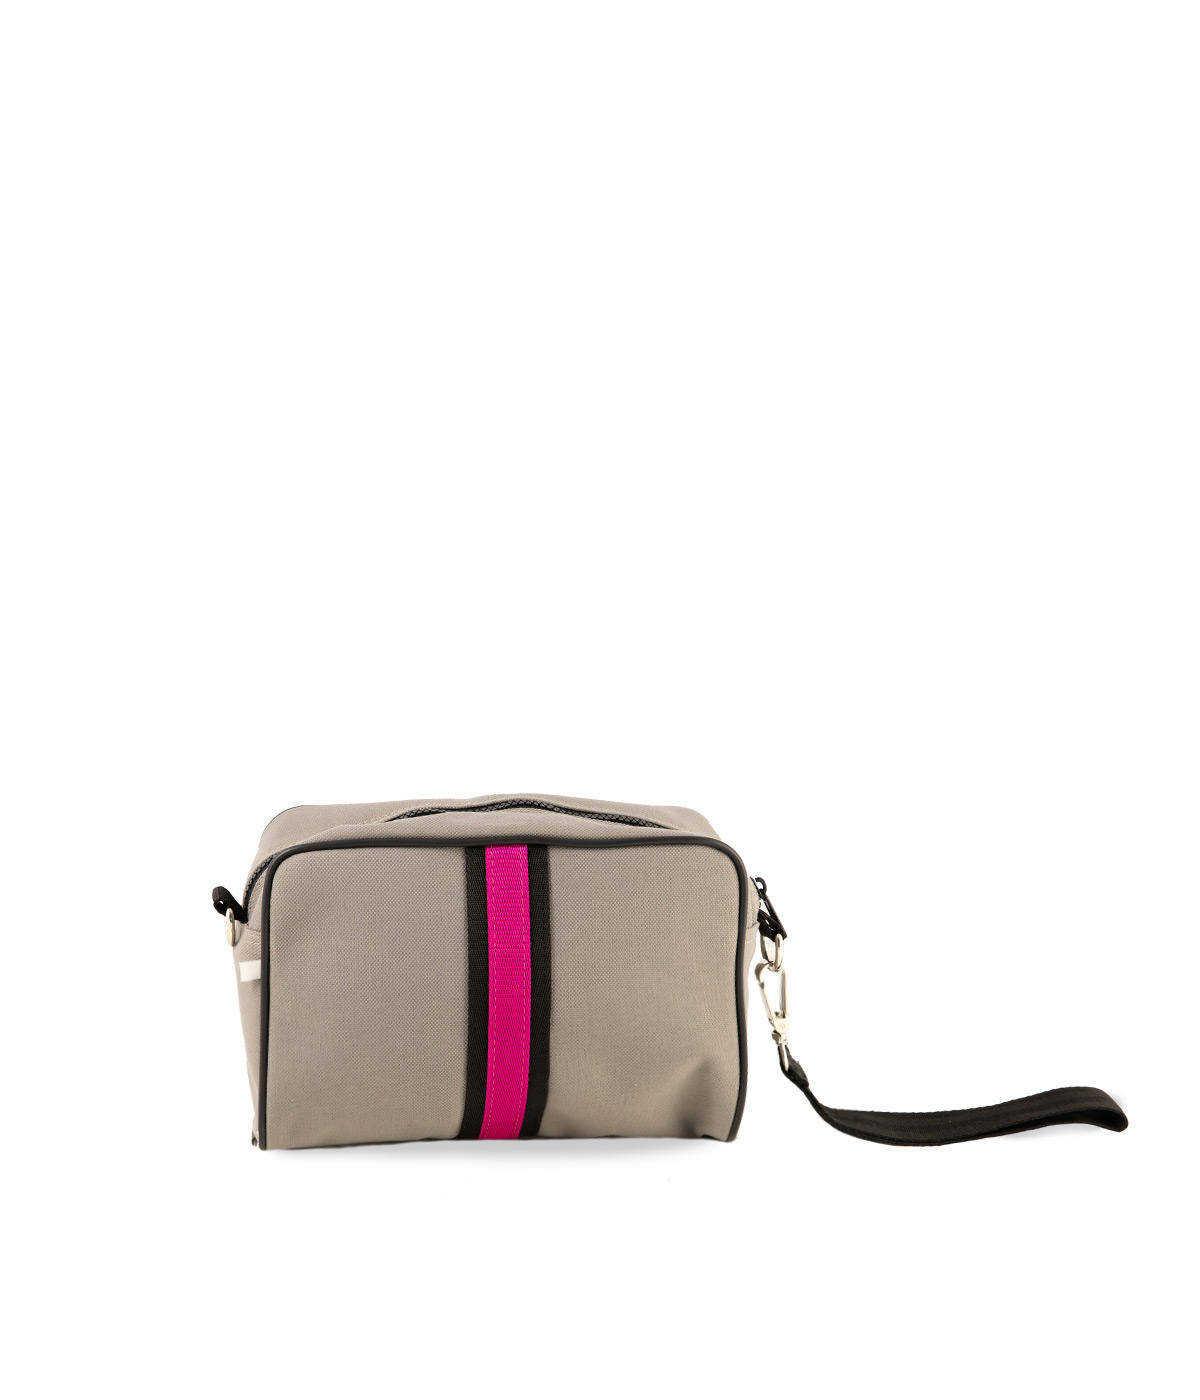 Beauty Bag Tessuto Tecnico Impermeabile Grigio Chiaro Quitto Bags